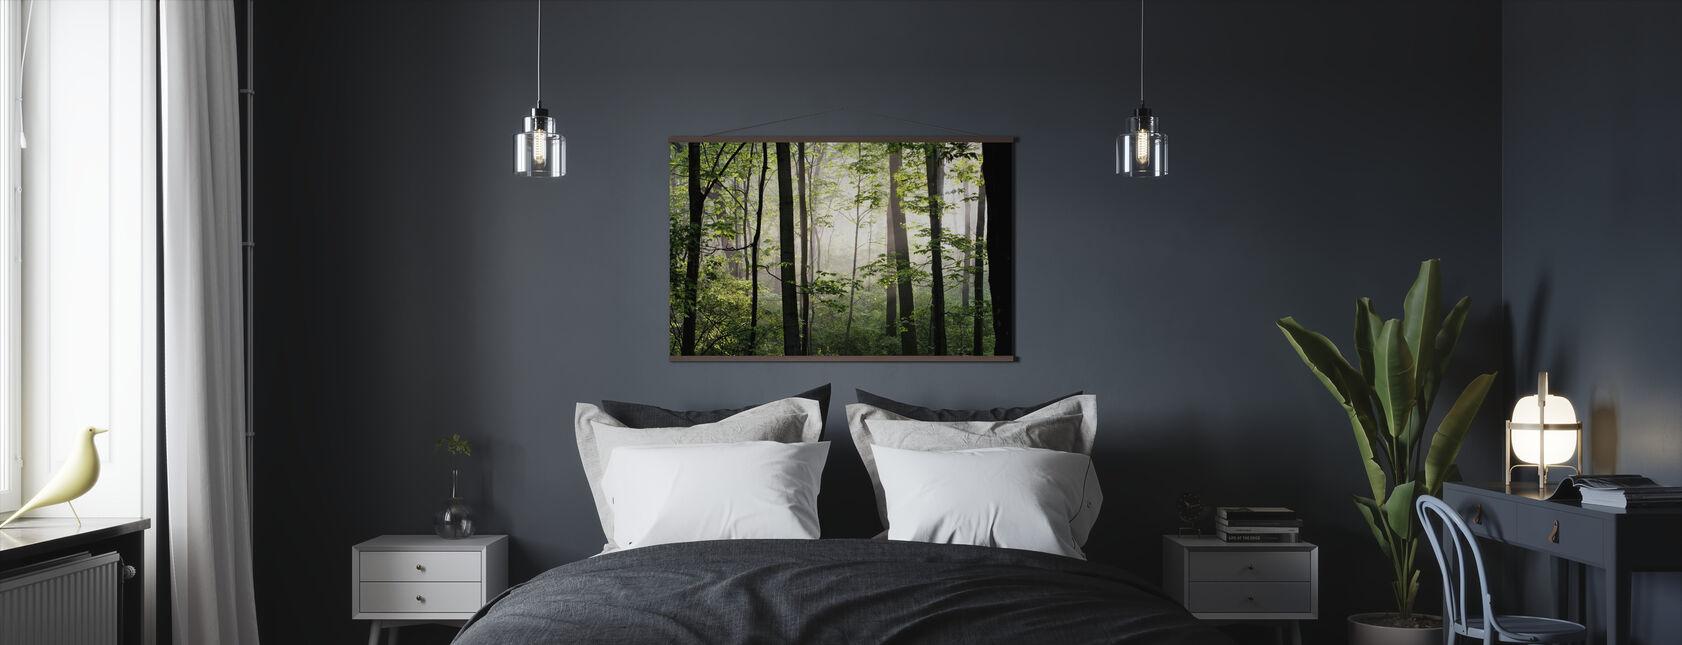 Früh Morgen - Poster - Schlafzimmer